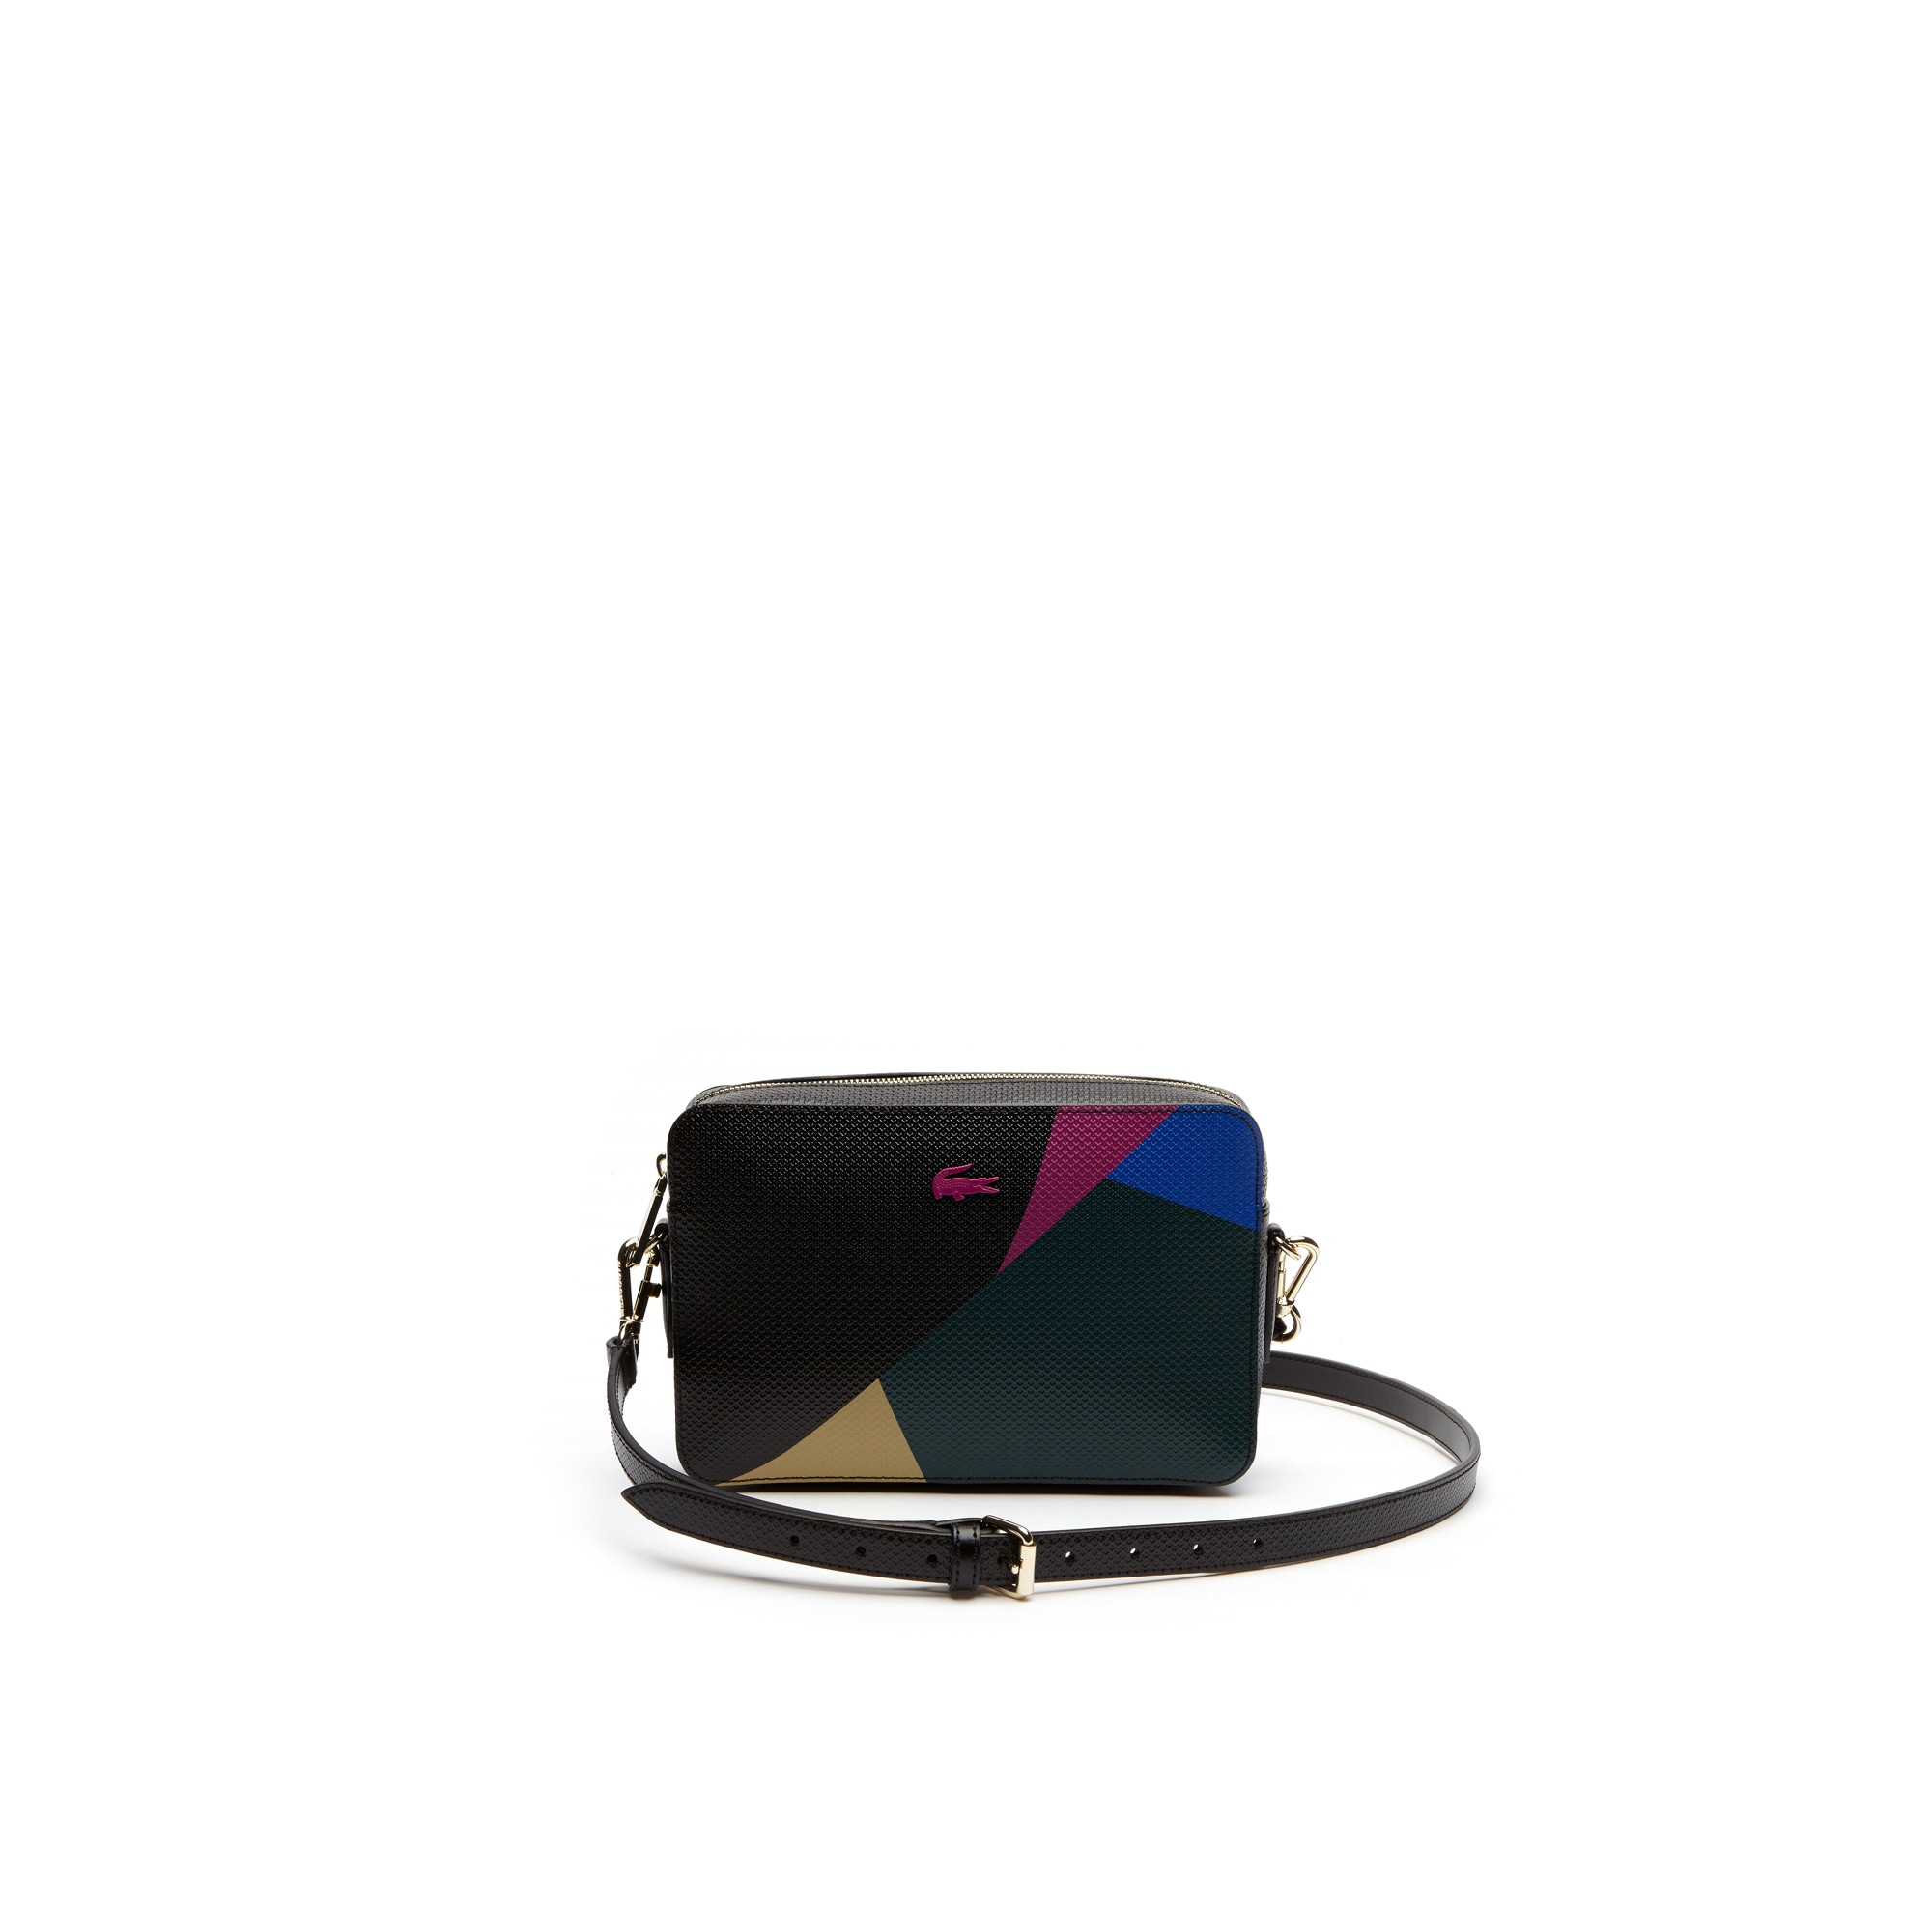 حقيبة كتف جلدية مربعة متعددة الألوان للنساء من مجموعة Chantco